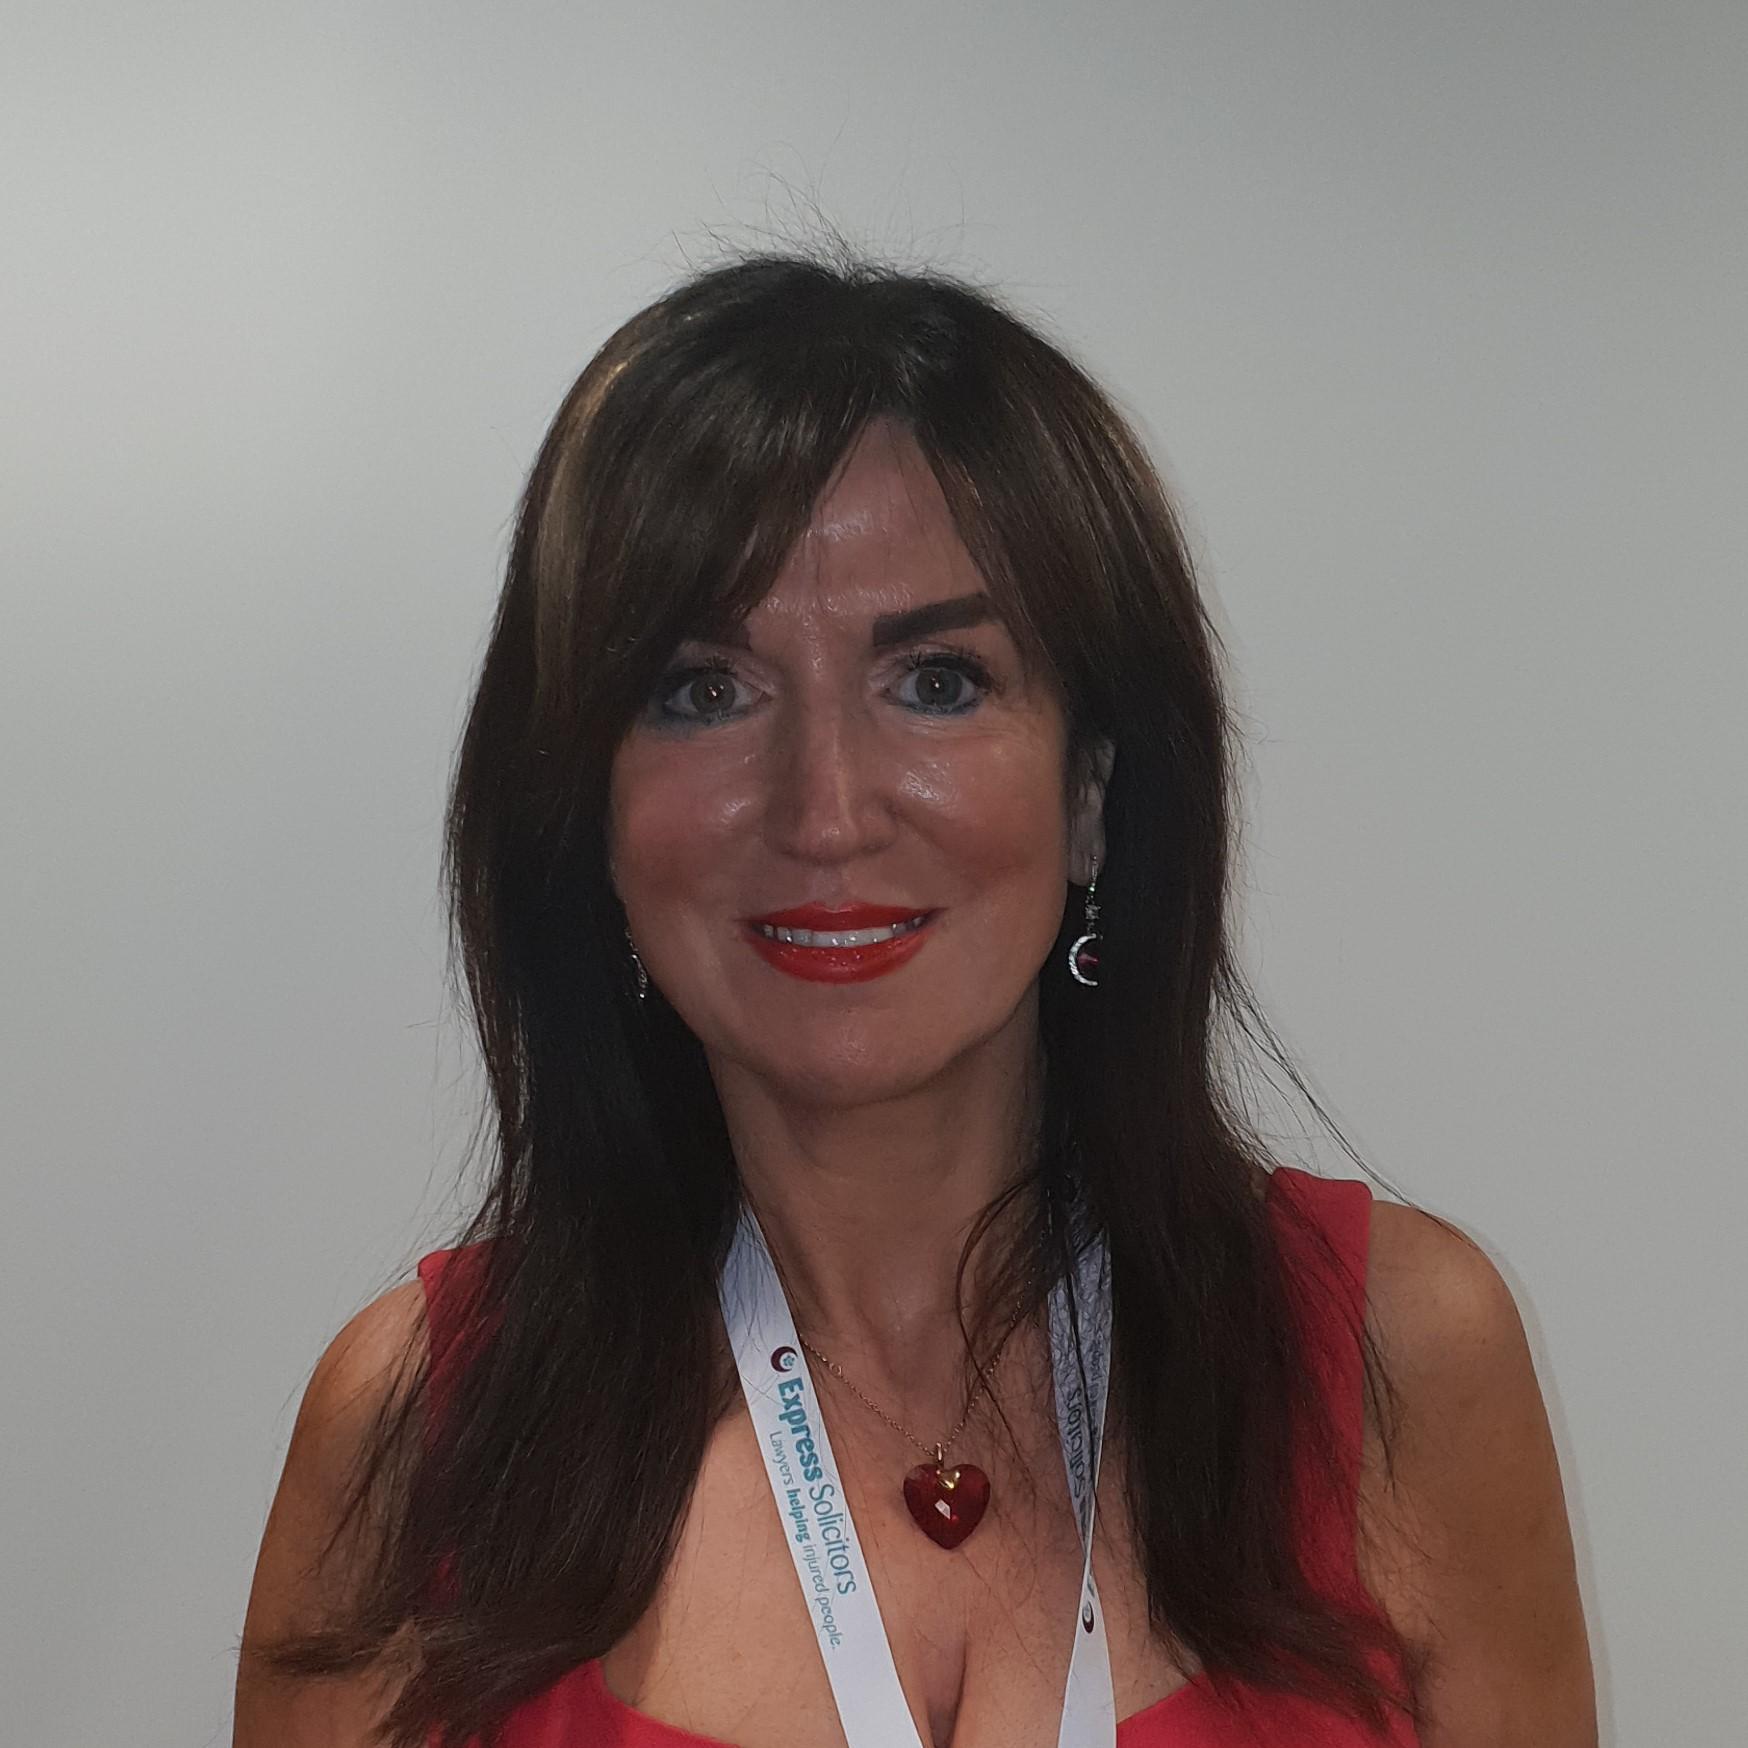 profile picture of marcella